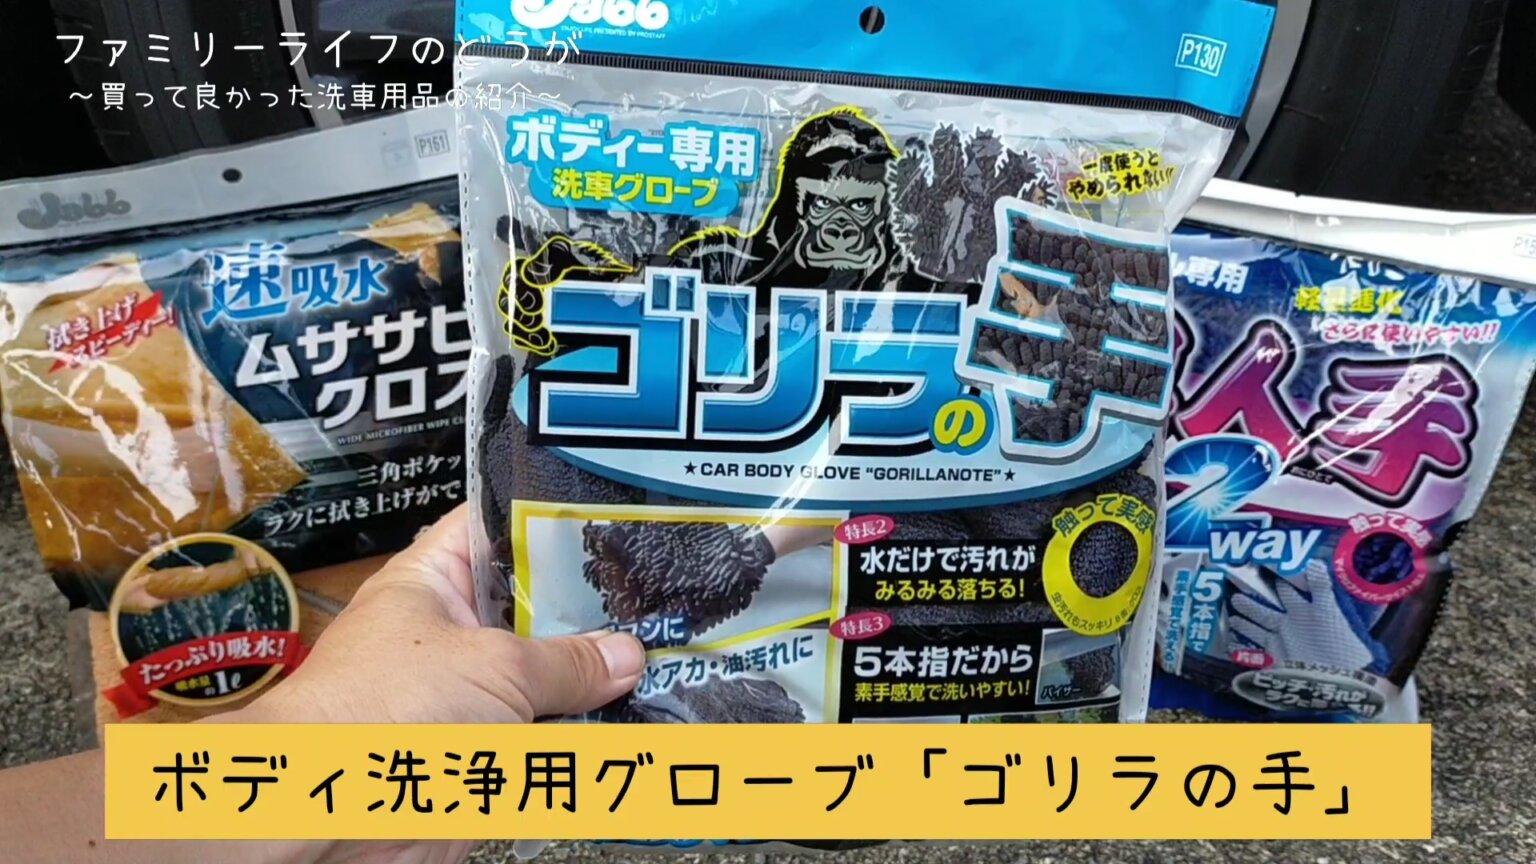 【洗車】ボディ洗浄用グローブ「ゴリラの手」手洗い洗車の効率アップにおすすめの便利アイテム!